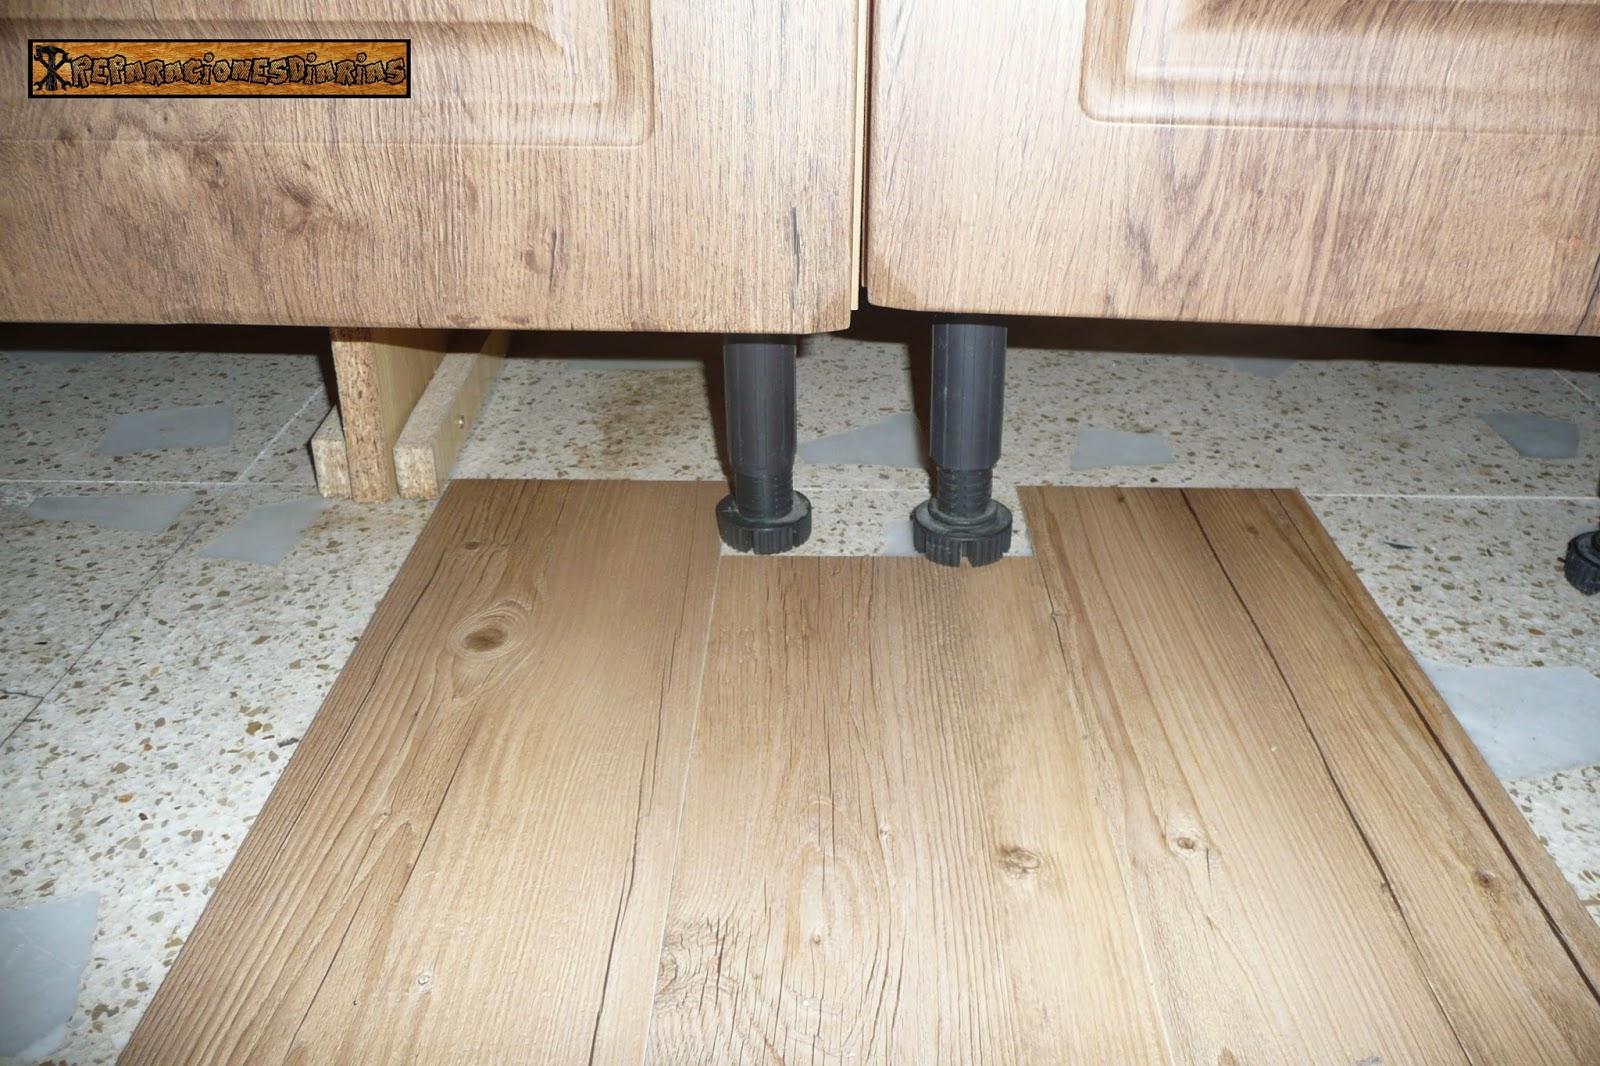 Vinilos para suelos de cocina great suelo vinilo cocina - Vinilos suelo cocina ...